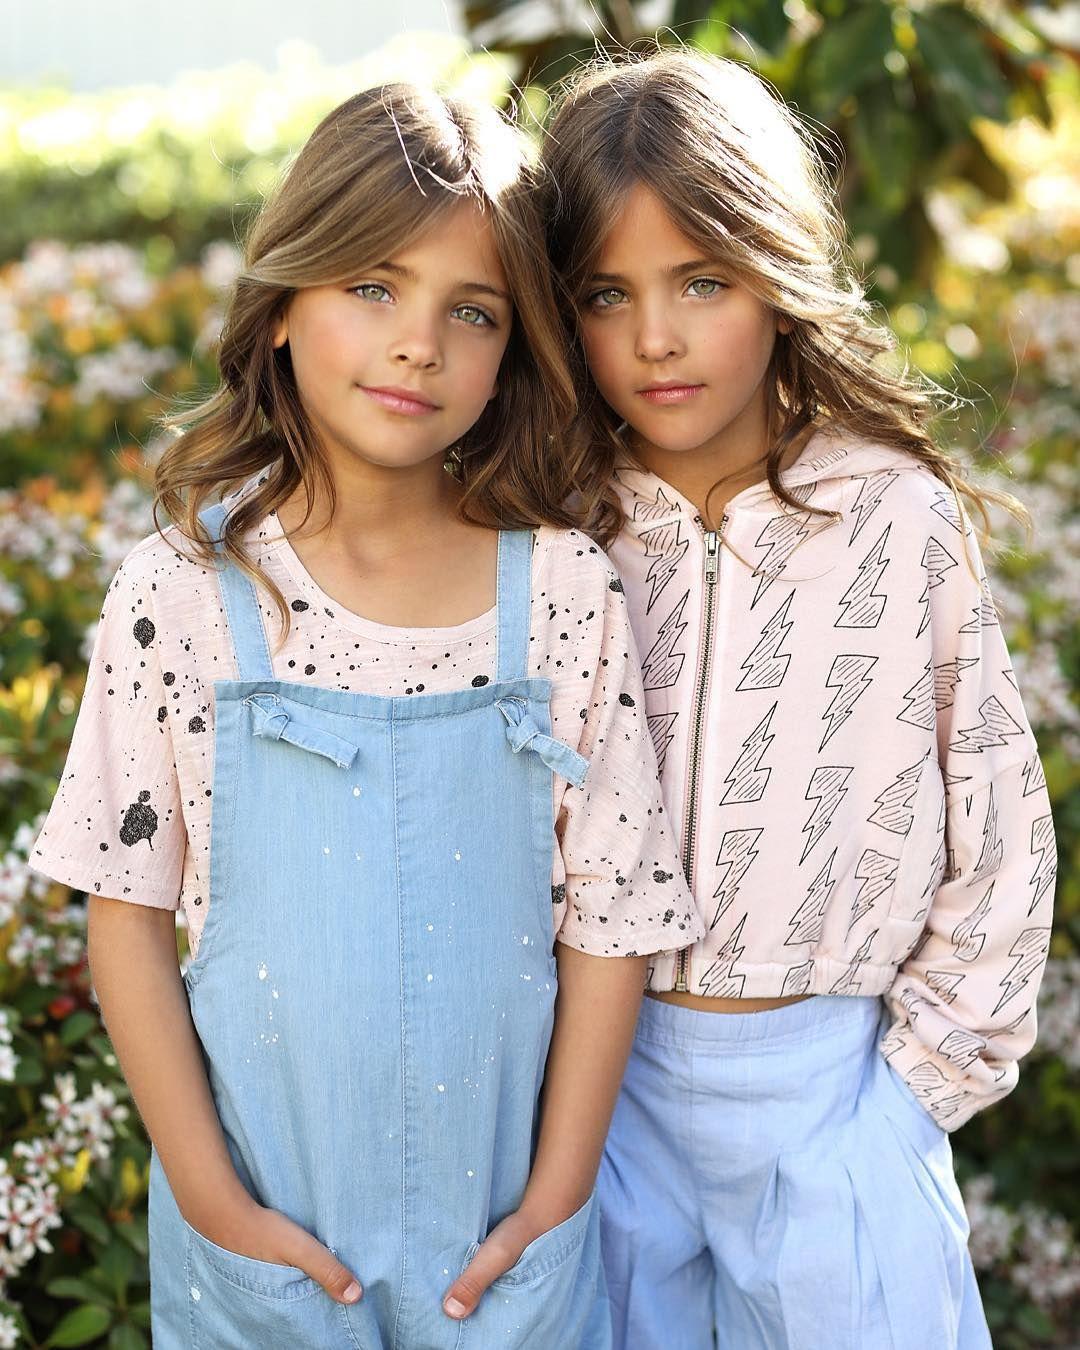 Ava Marie & Leah Rose, September 21, 2010 | Kid Models ...